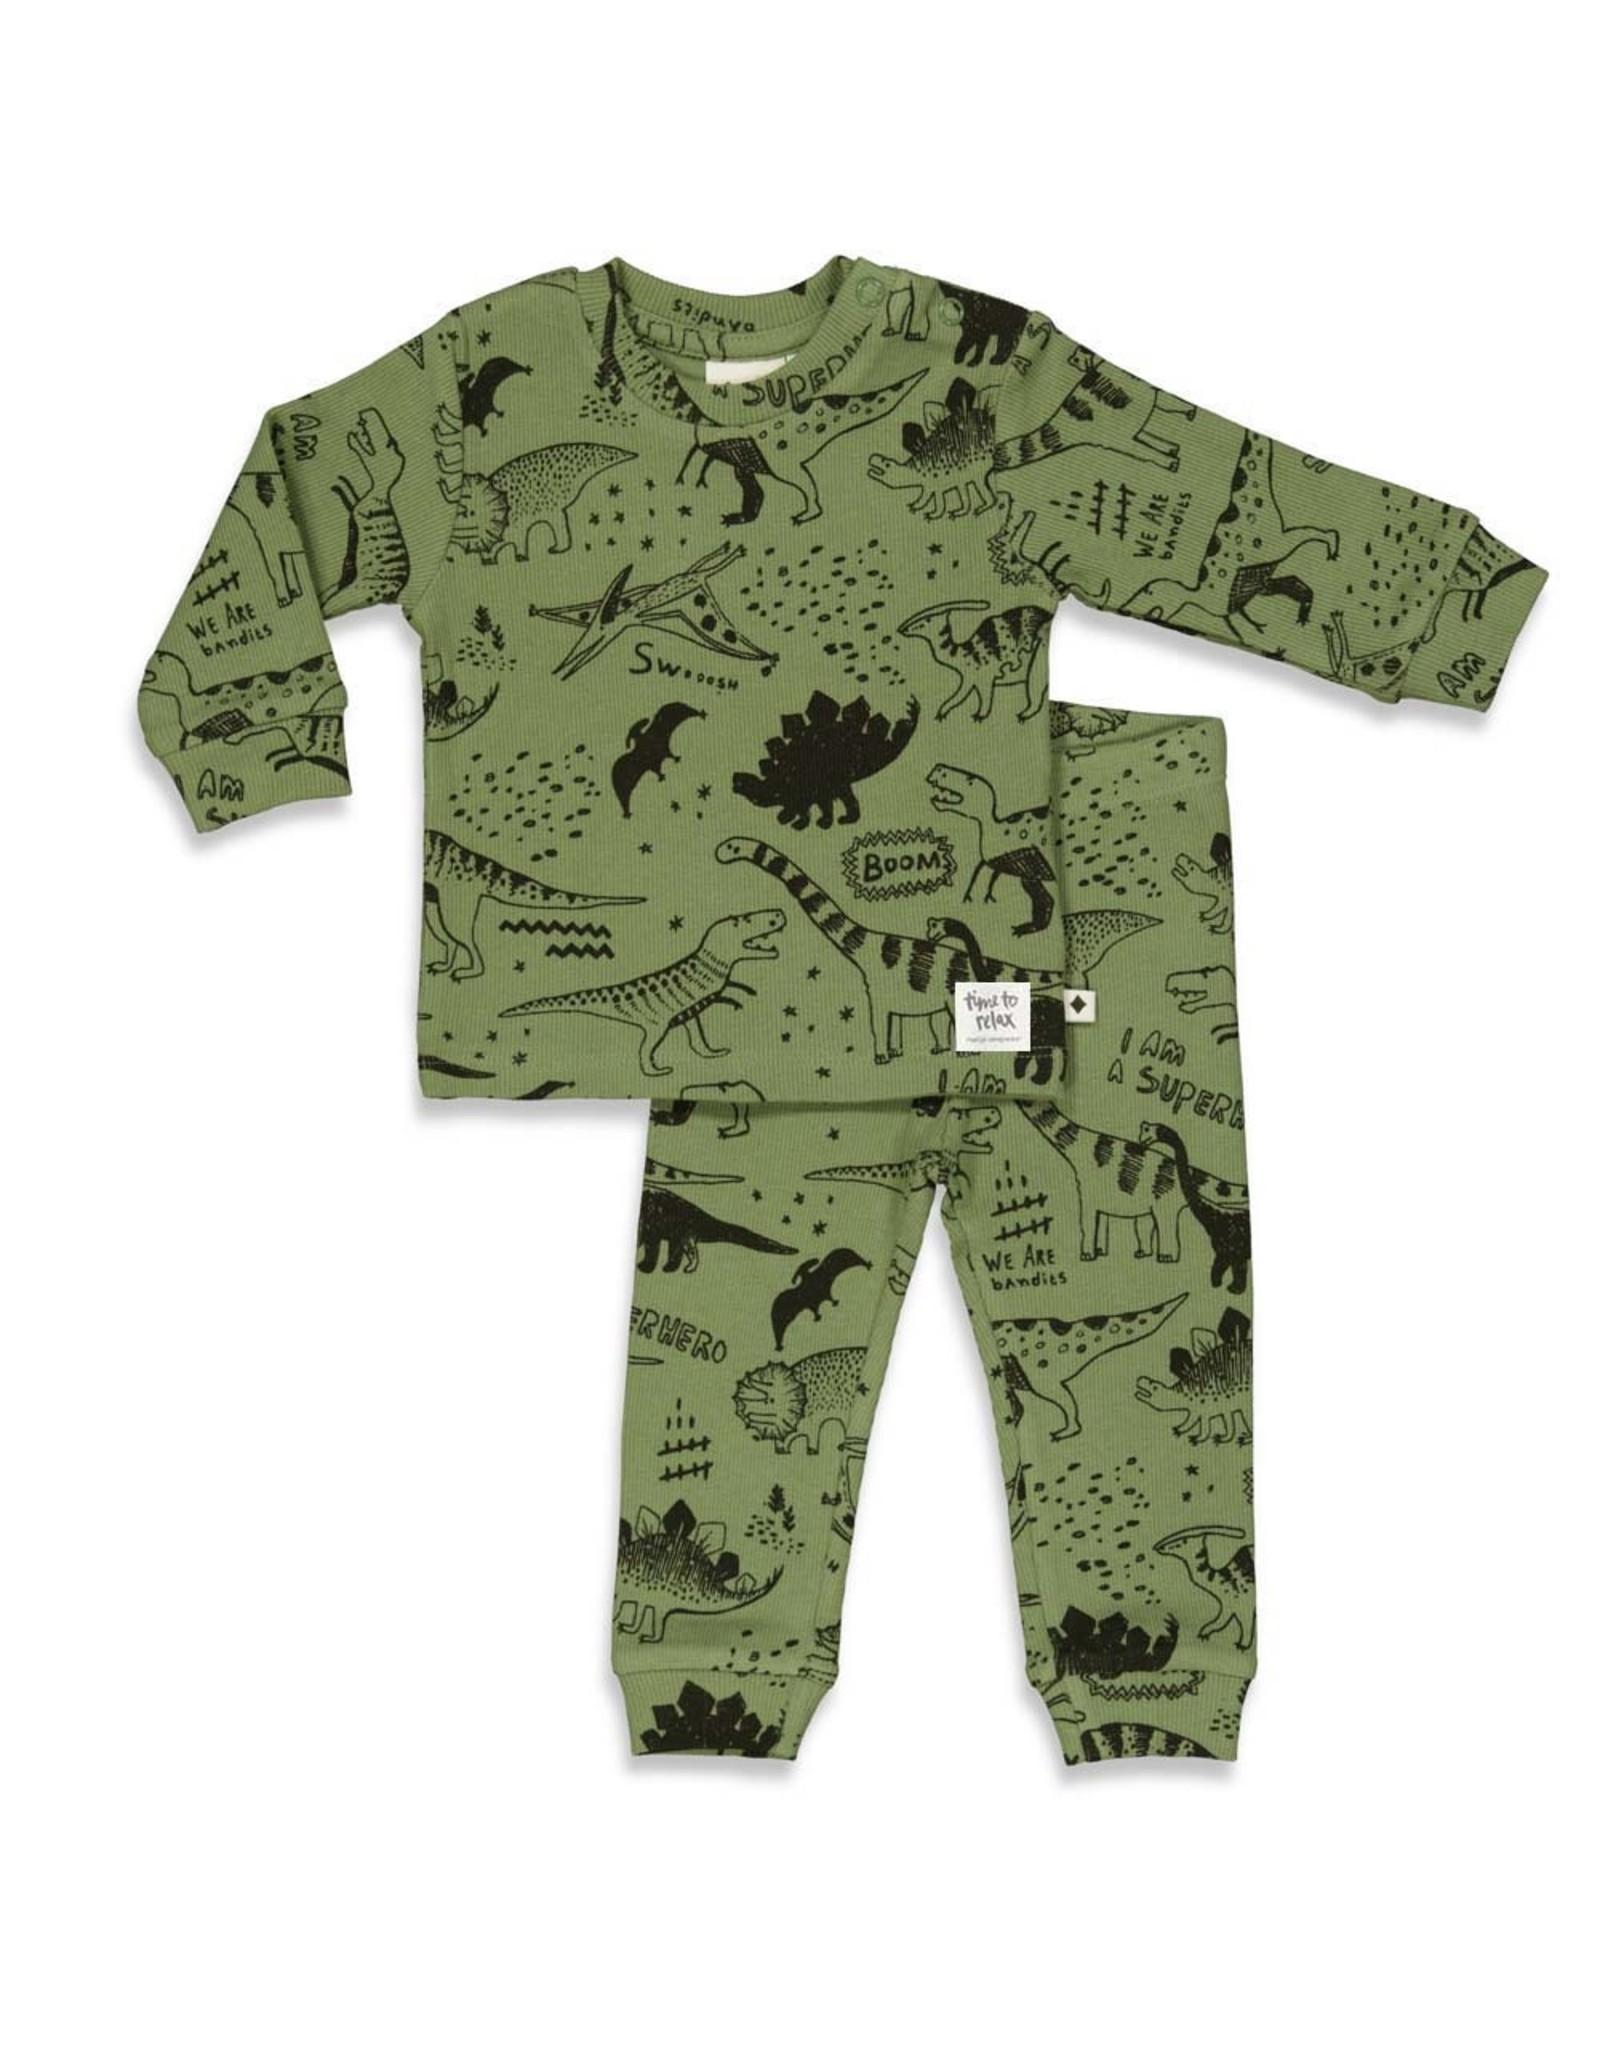 Feetje Dino Drew - Premium Sleepwear by FEETJE Army